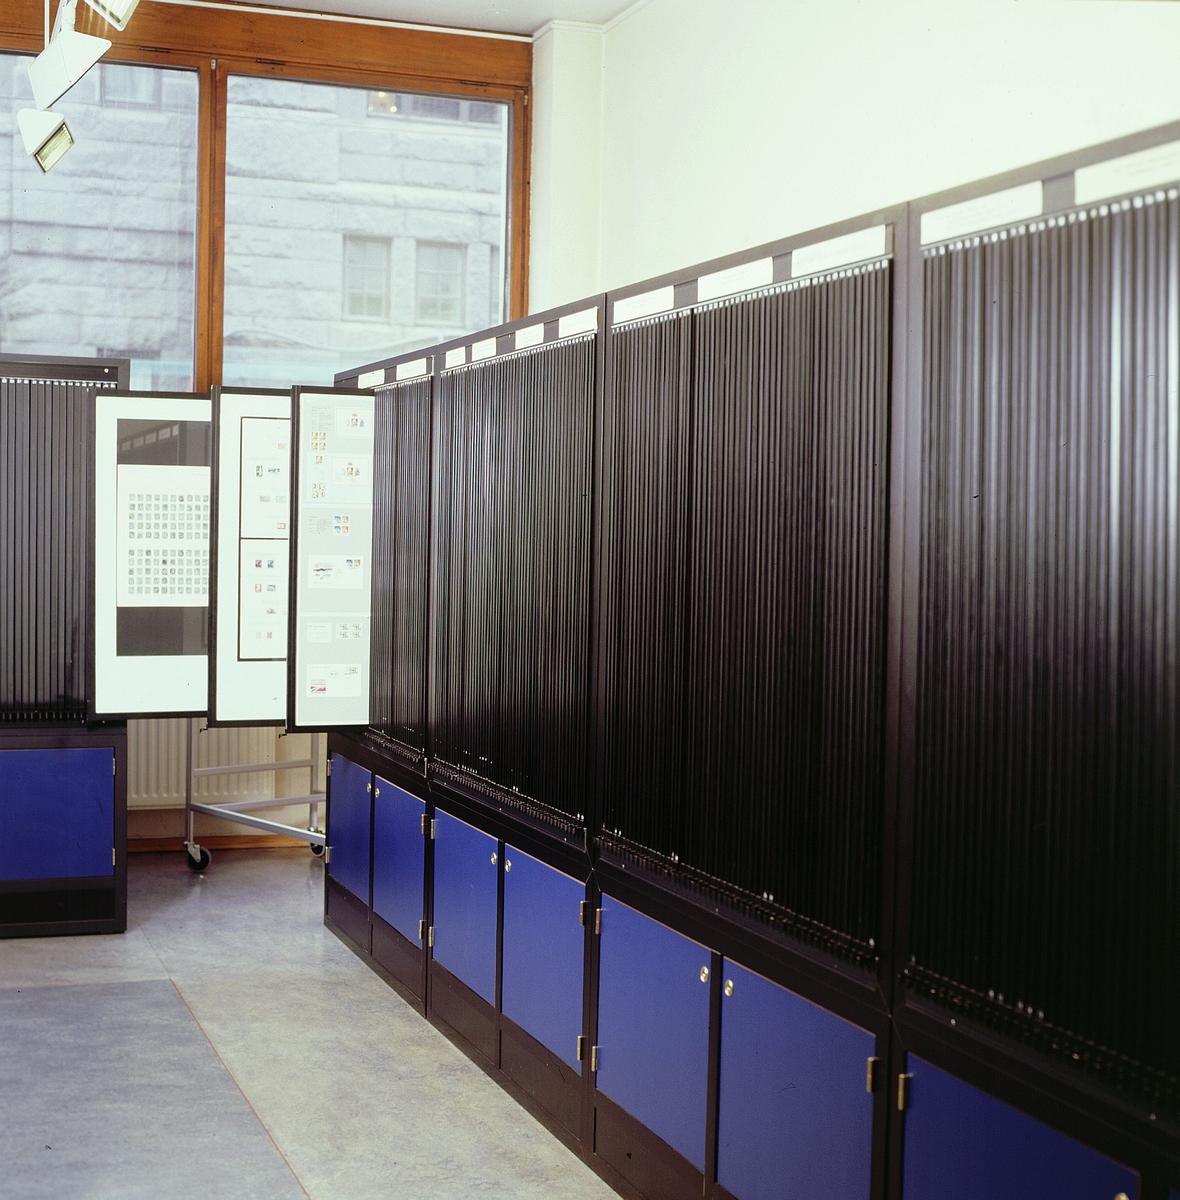 postmuseet, Kirkegata 20, utstilling, frimerkerommet, frimerkerammer